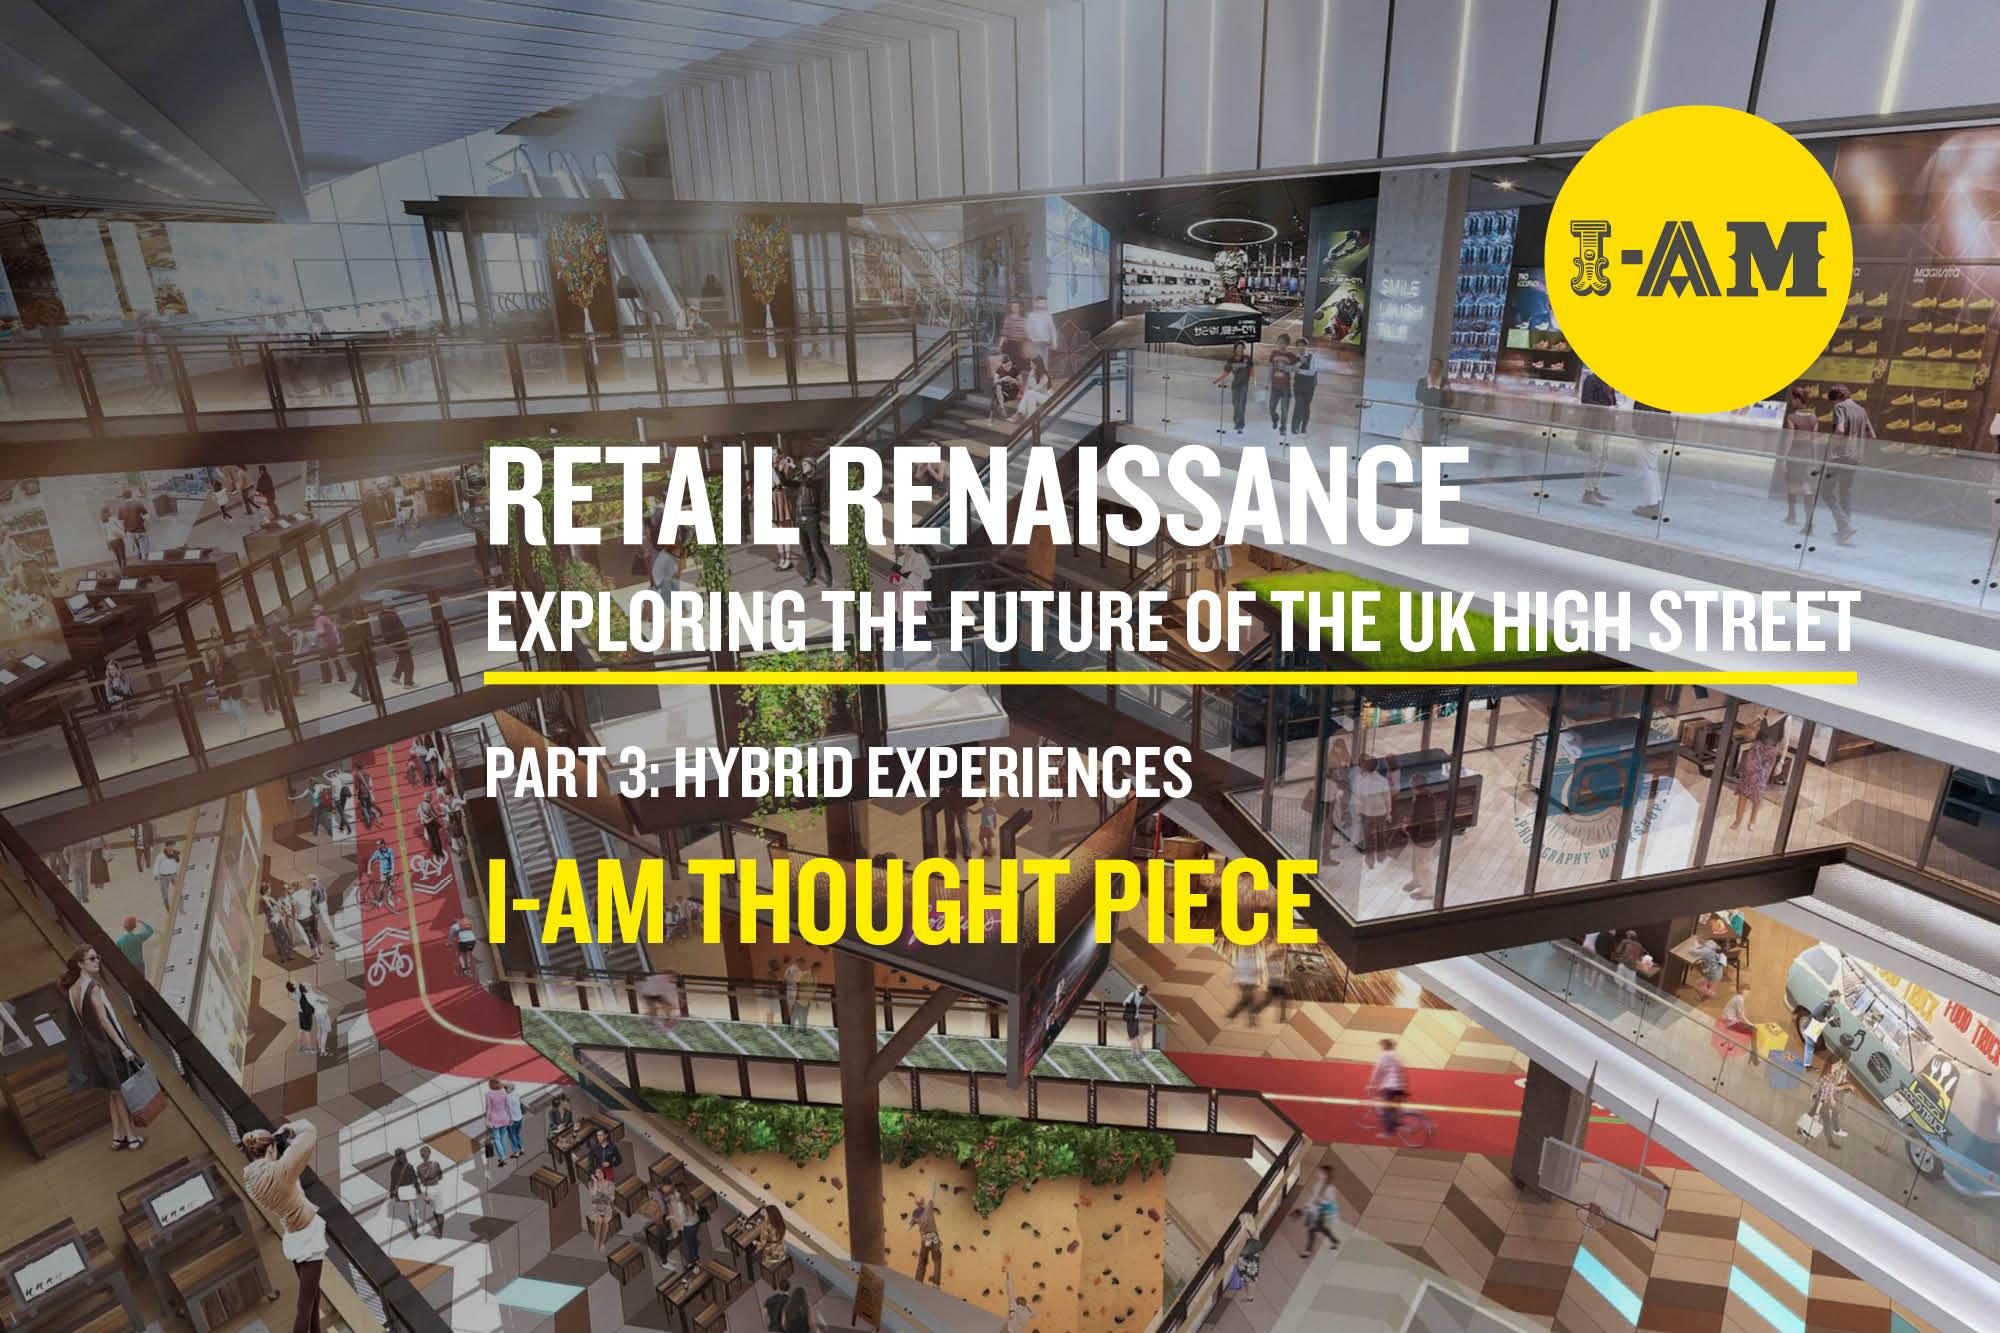 retail renaissance_FEATURED IMAGE PART 3